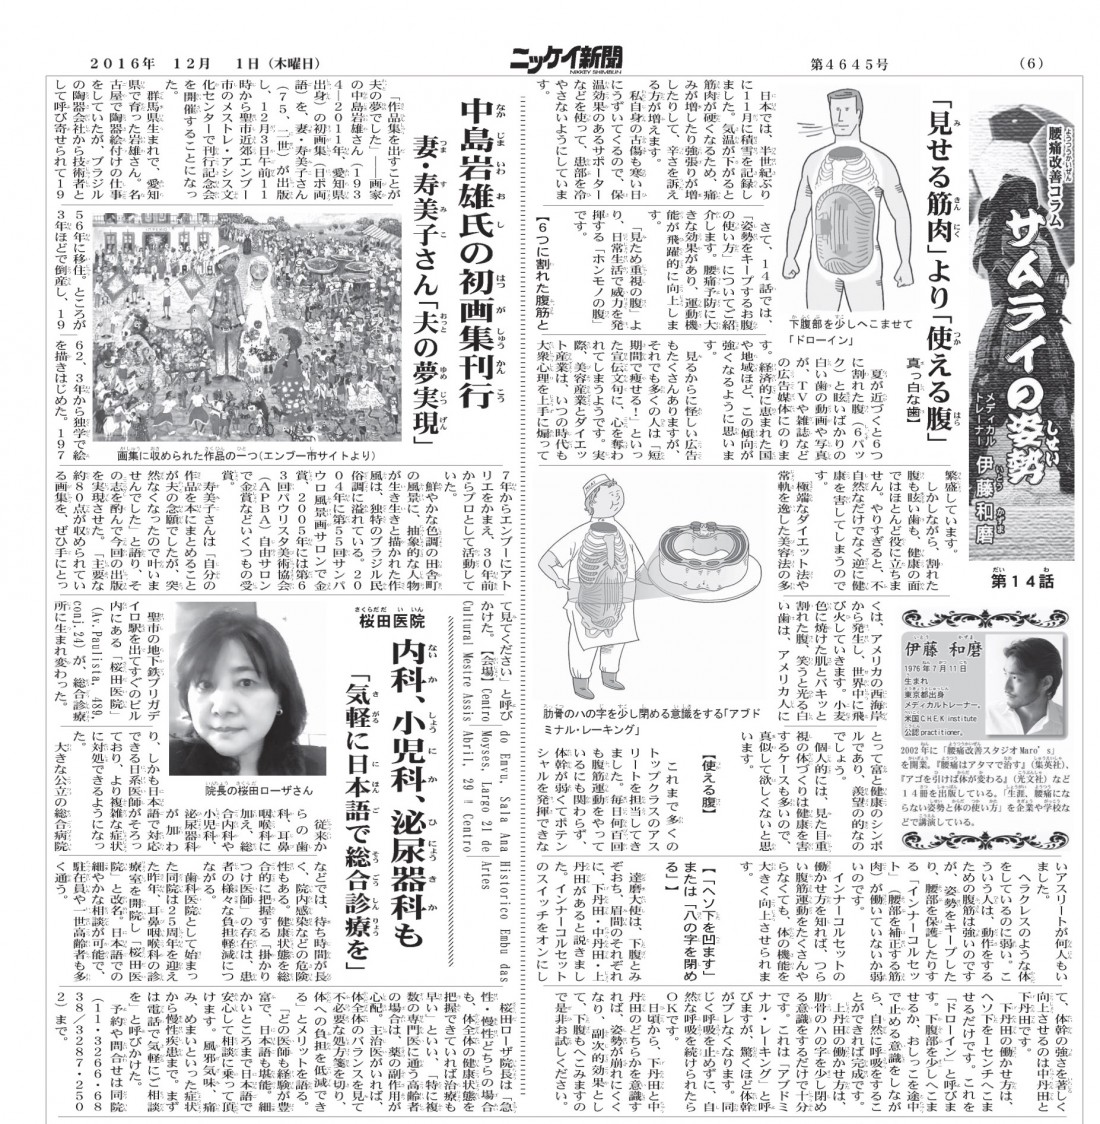 20161201-jornal-nikkey-shimbun-p6-samurai14